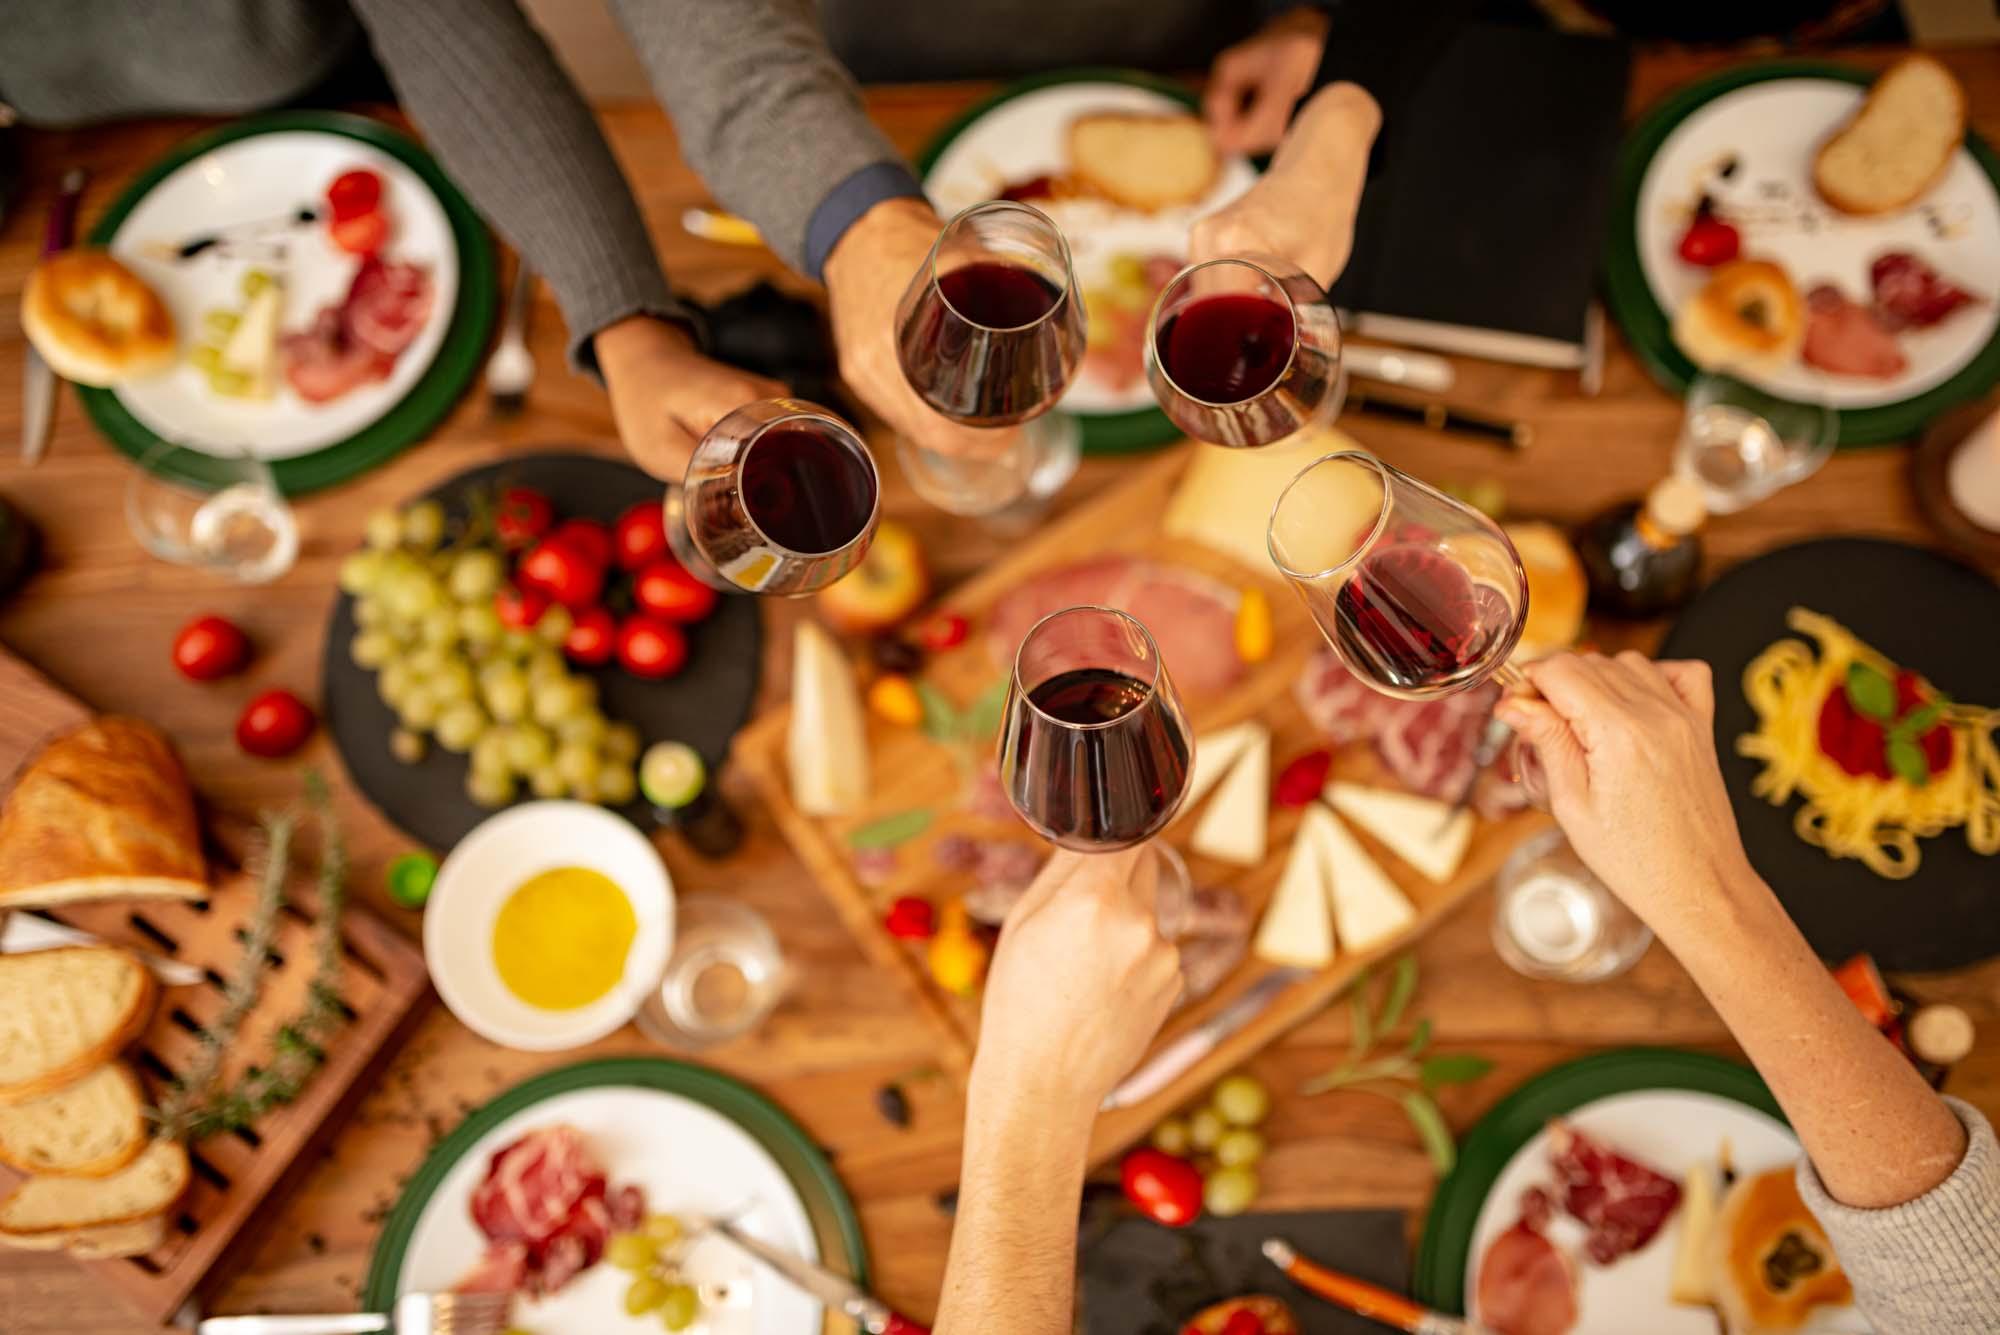 Cucina Amatoriale Formazione Manageriale a Modena